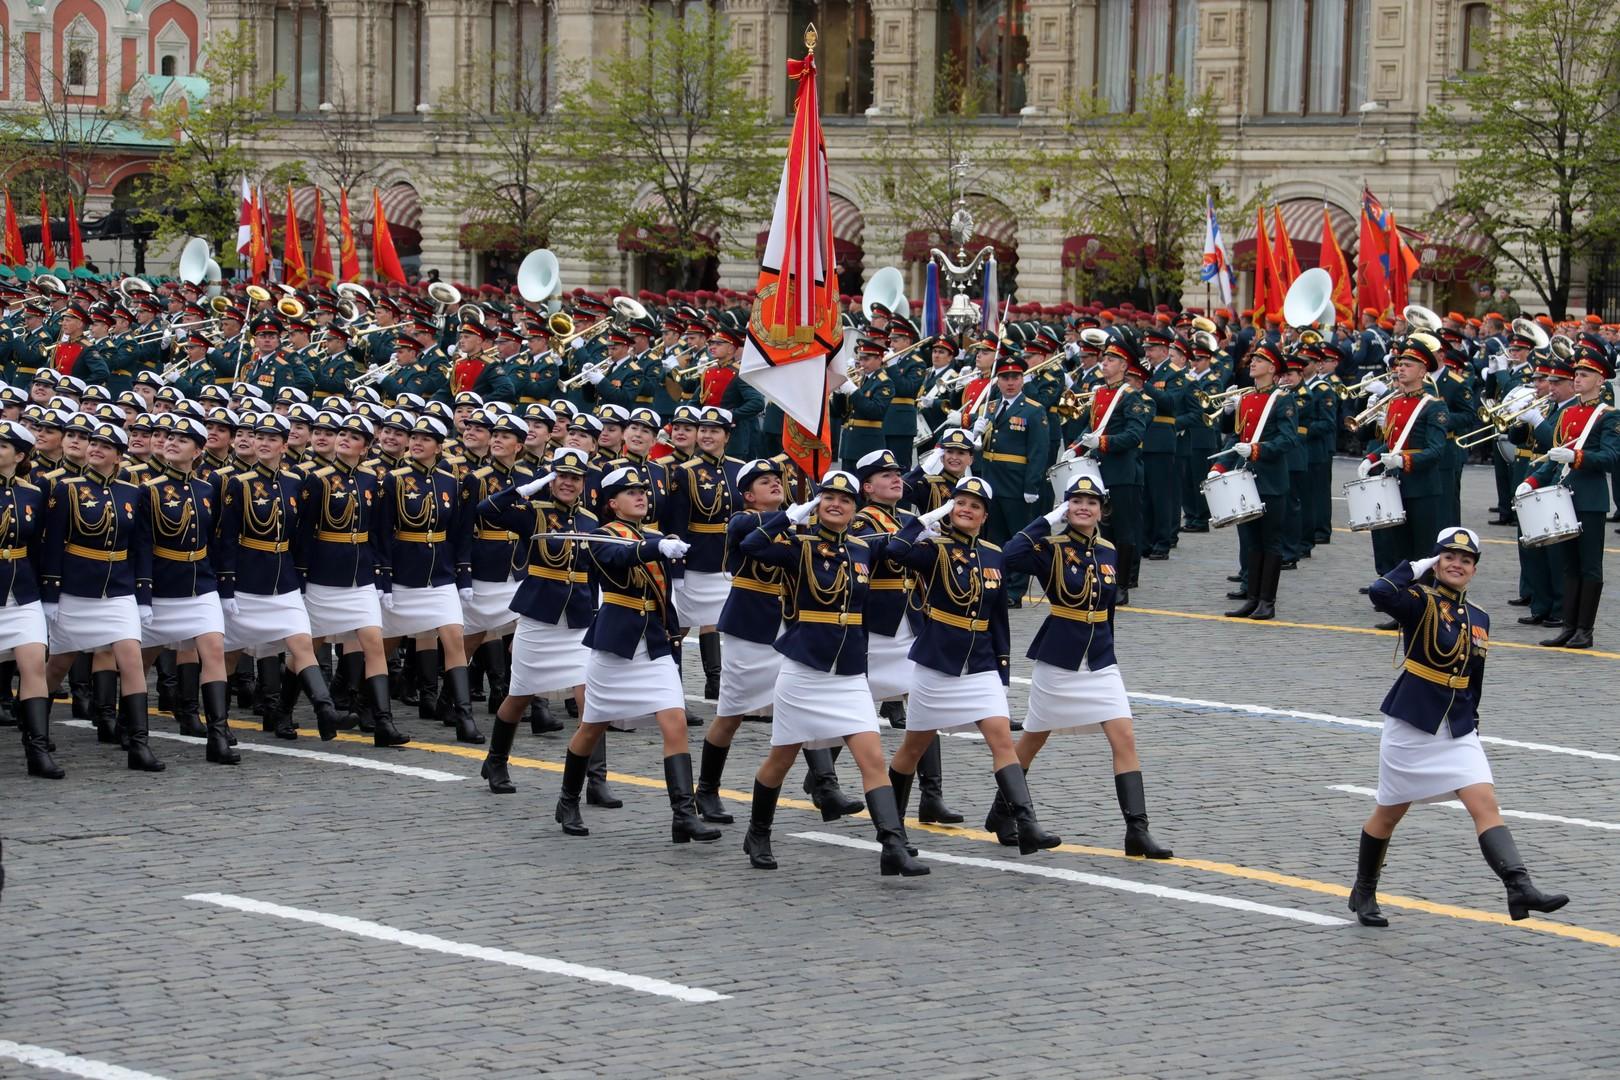 Moscou célèbre le 72e anniversaire de la victoire sur le nazisme par une parade militaire (IMAGES)